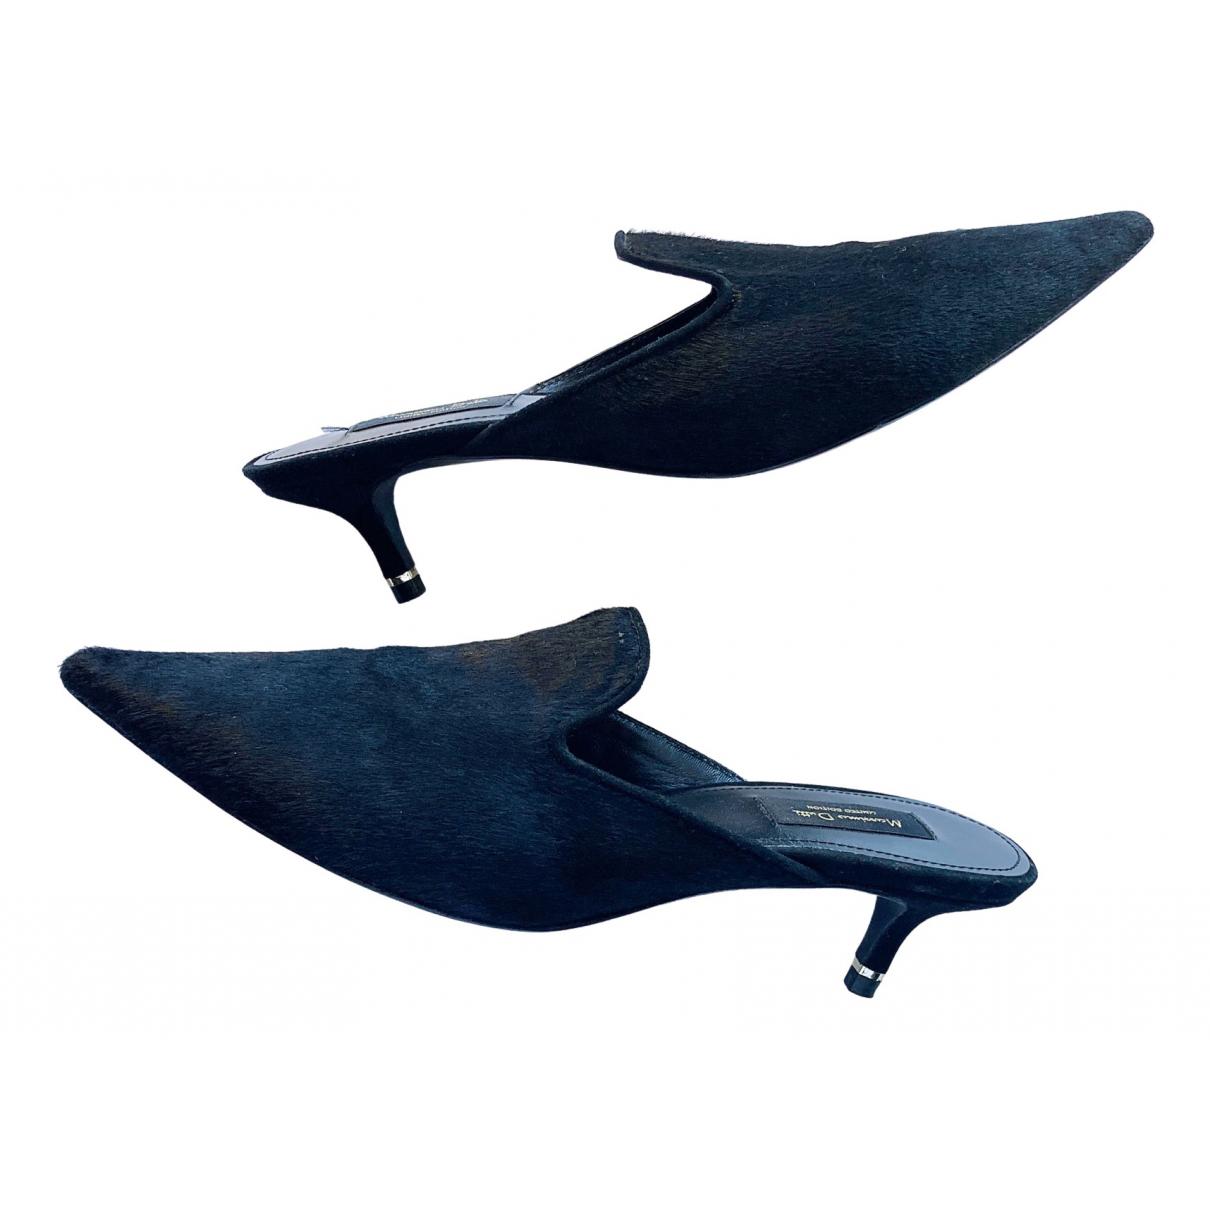 Tacones de Piel de potro de imitacion Massimo Dutti